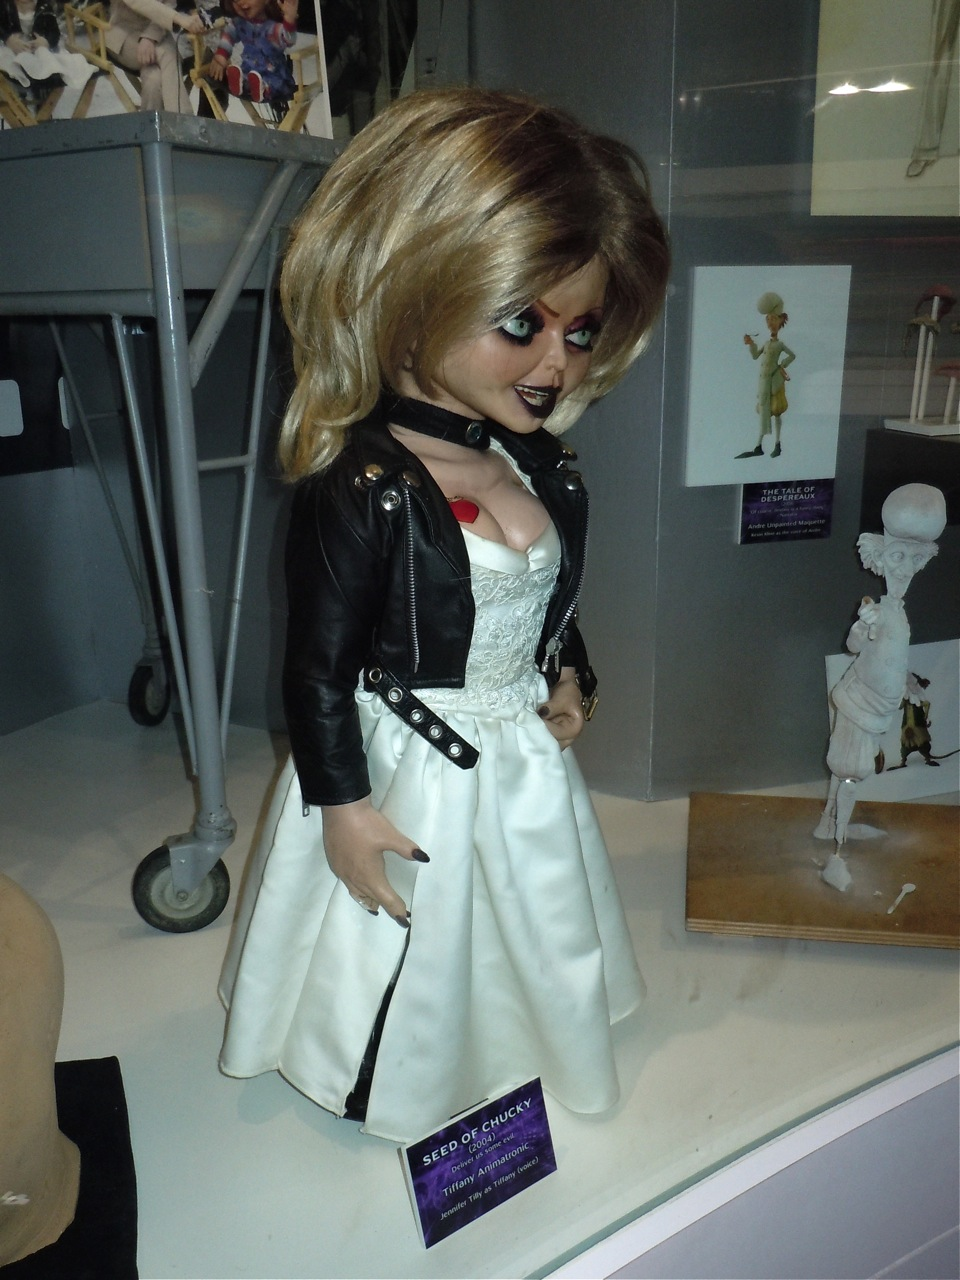 http://1.bp.blogspot.com/_GIchwvJ-aNk/TCOgSf3aXOI/AAAAAAAASMk/NzS4JbqSdqA/s1600/Seed+Chucky+Tiffany+animatronic+model.jpg